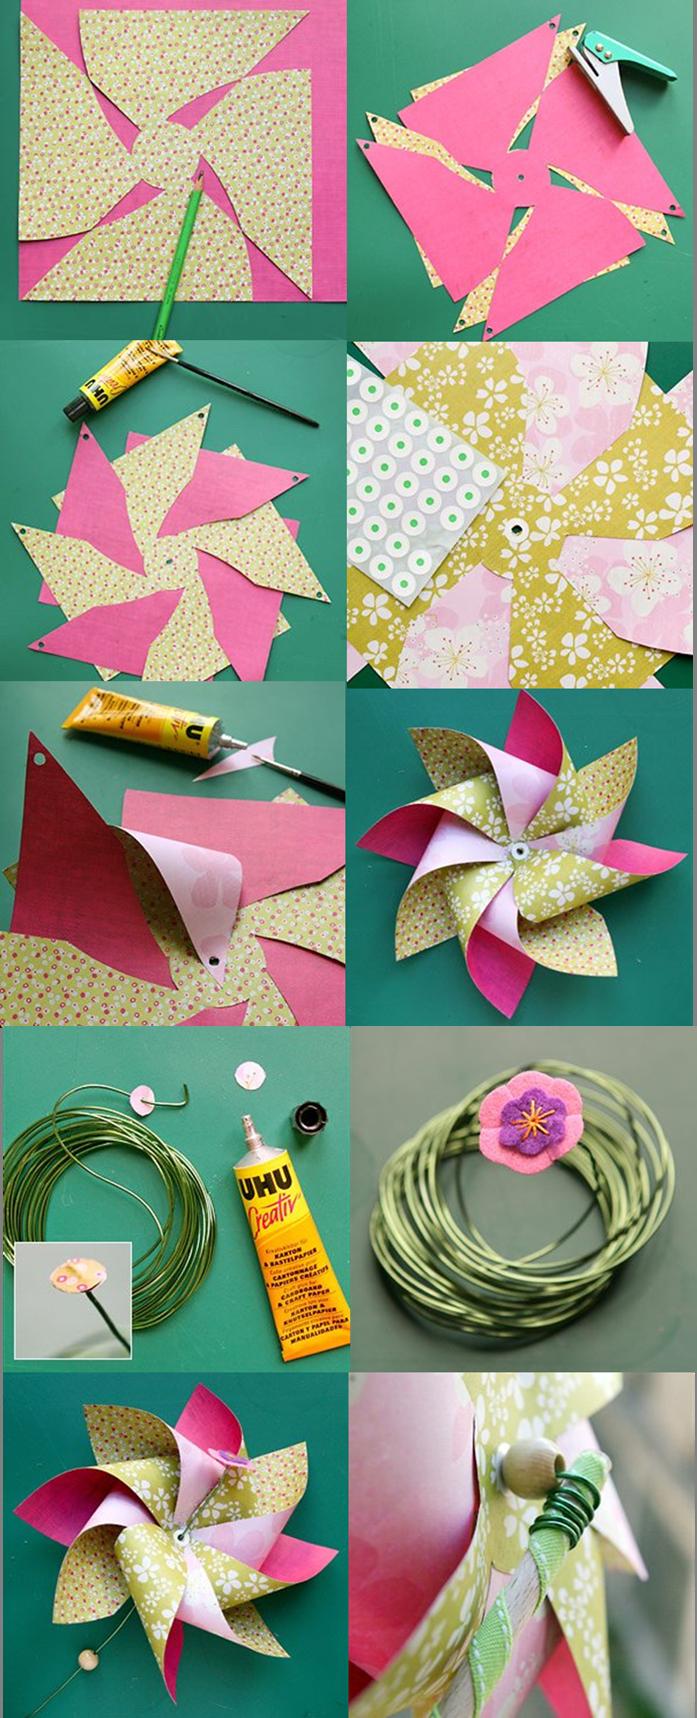 Moulin A Vent Club Des Parents Artisanat Bricolage Papier Craft Bricolage Papier